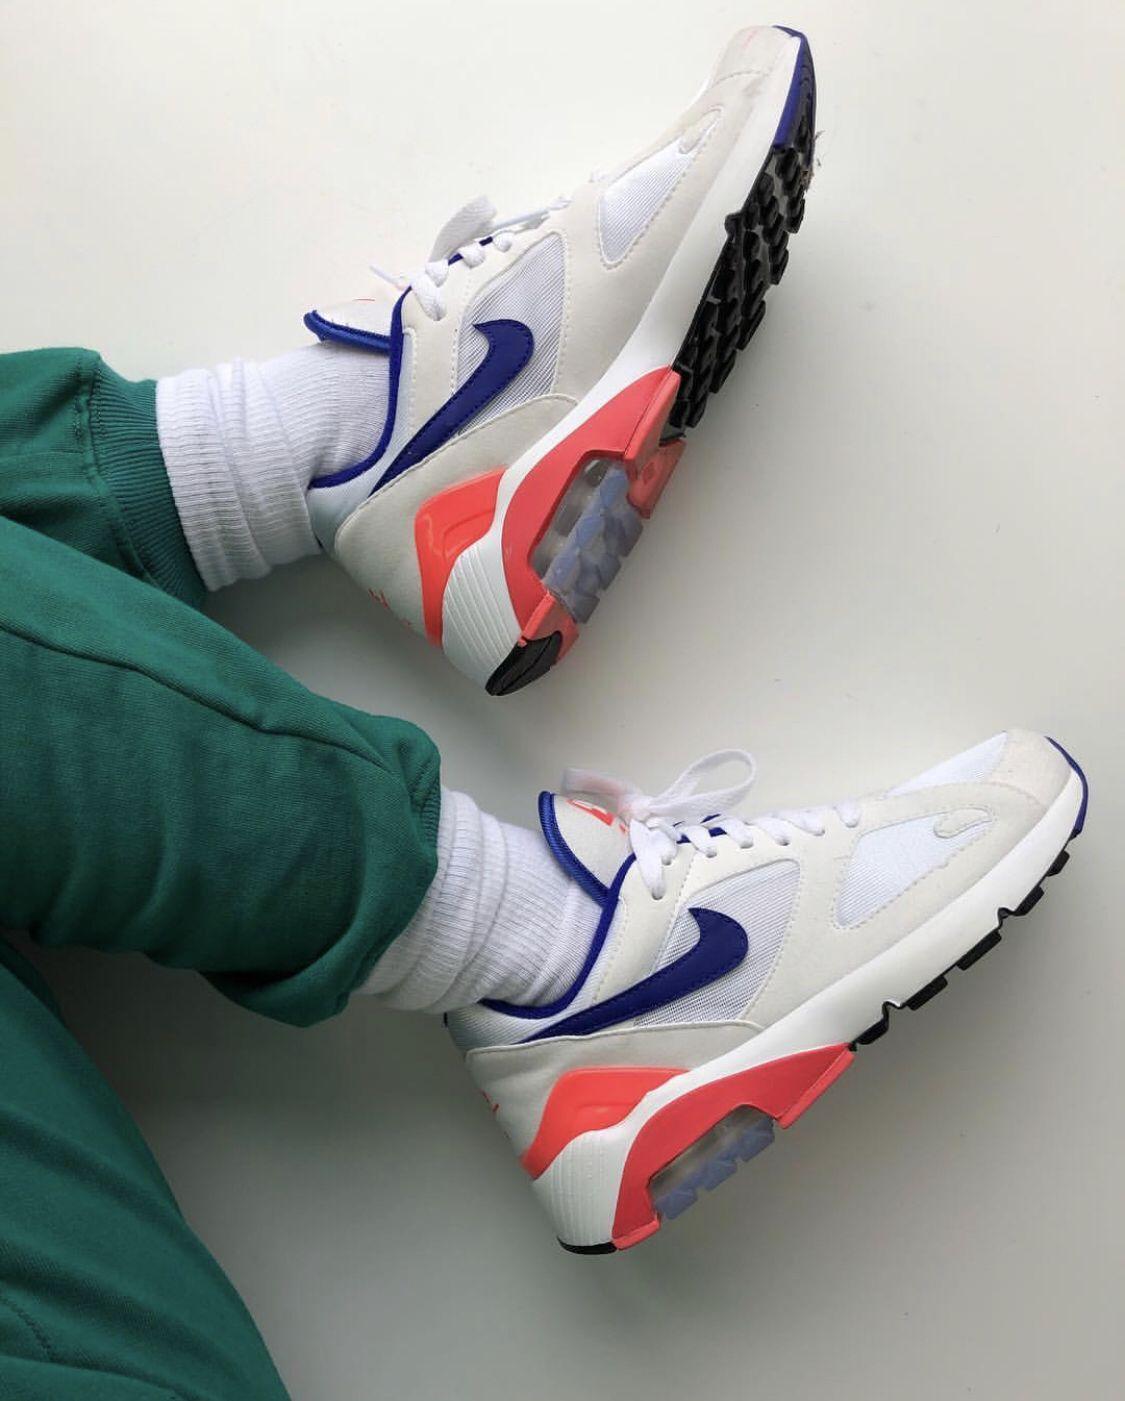 e4e4ce246ea Reebok Graphlite Road kicks   shoes in 2019 - Sneakers, Reebok en Running  Shoes